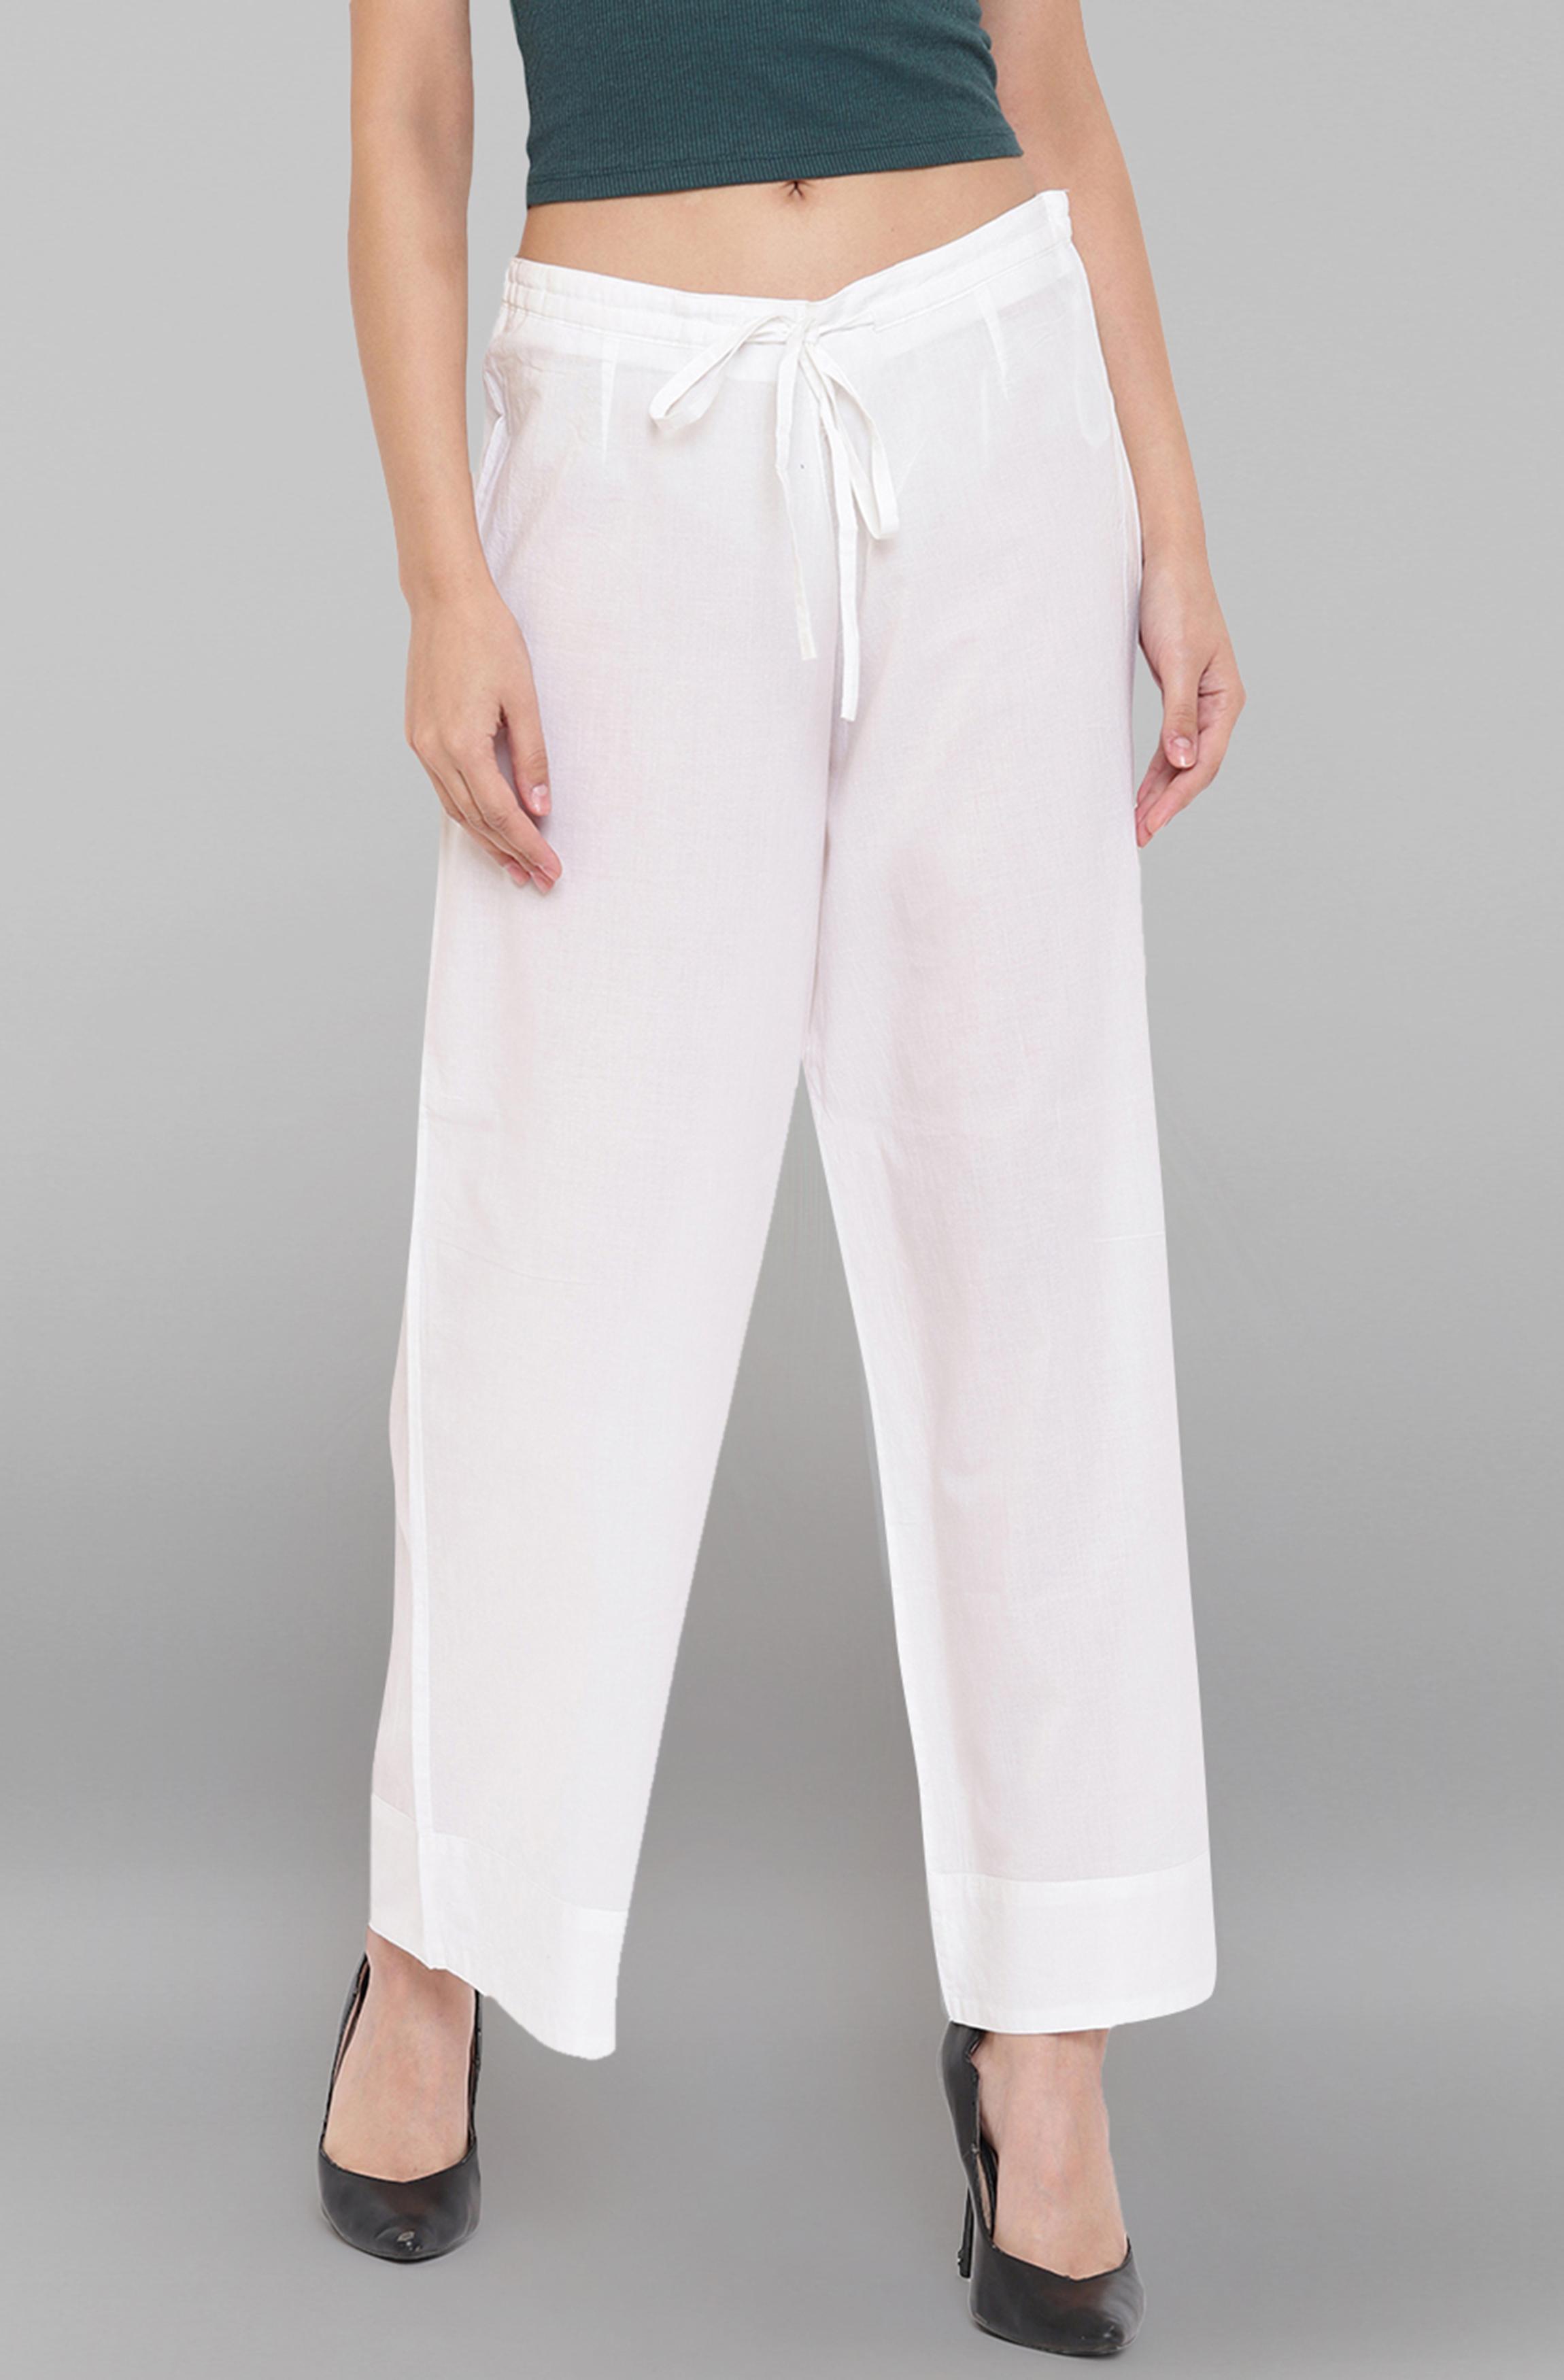 Janasya | Janasya Women's White Pure Cotton Palazzo Pant